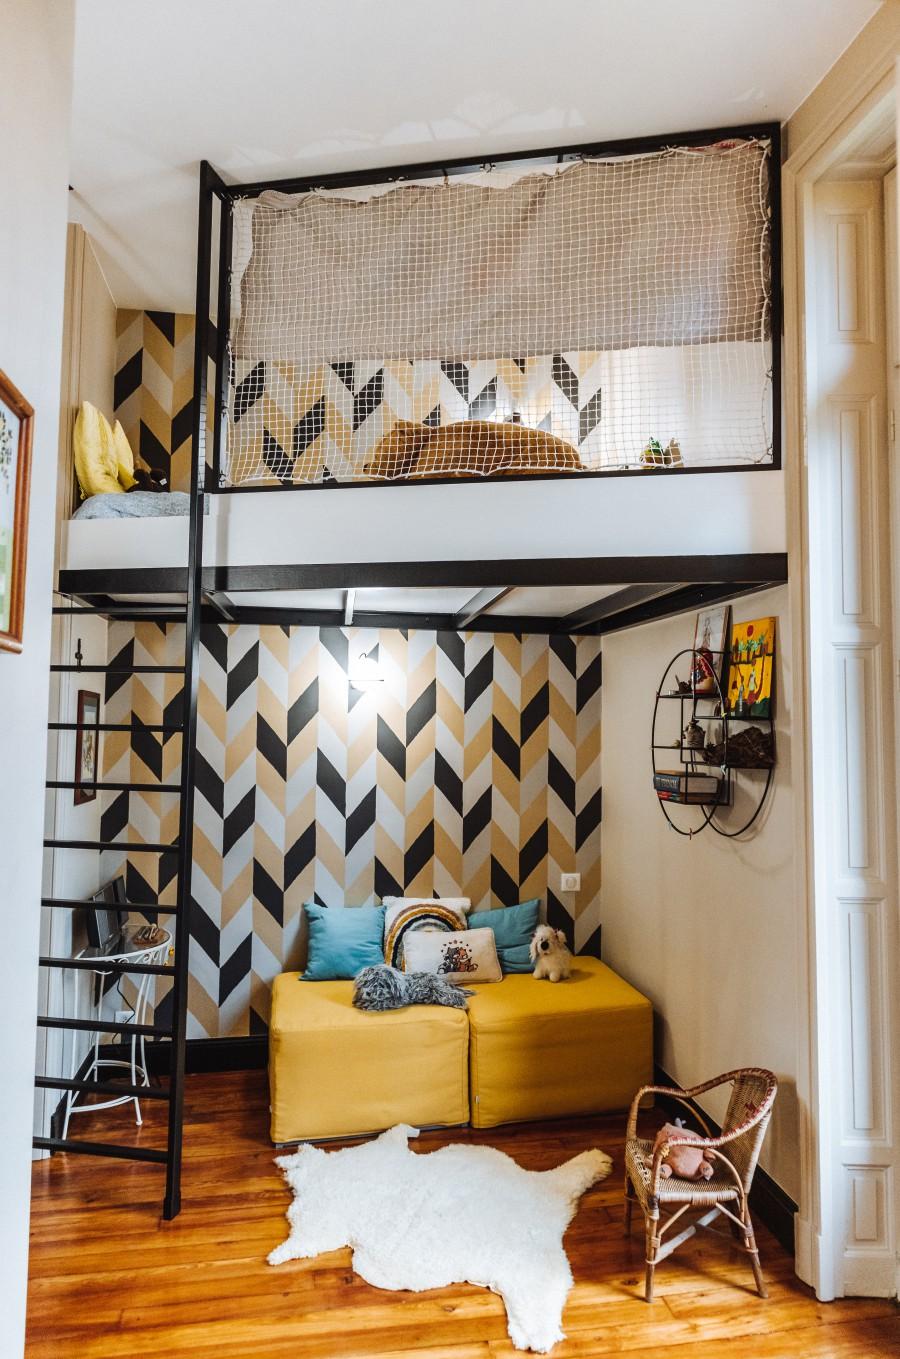 Amenagement mezanine appartement historique Bayonne